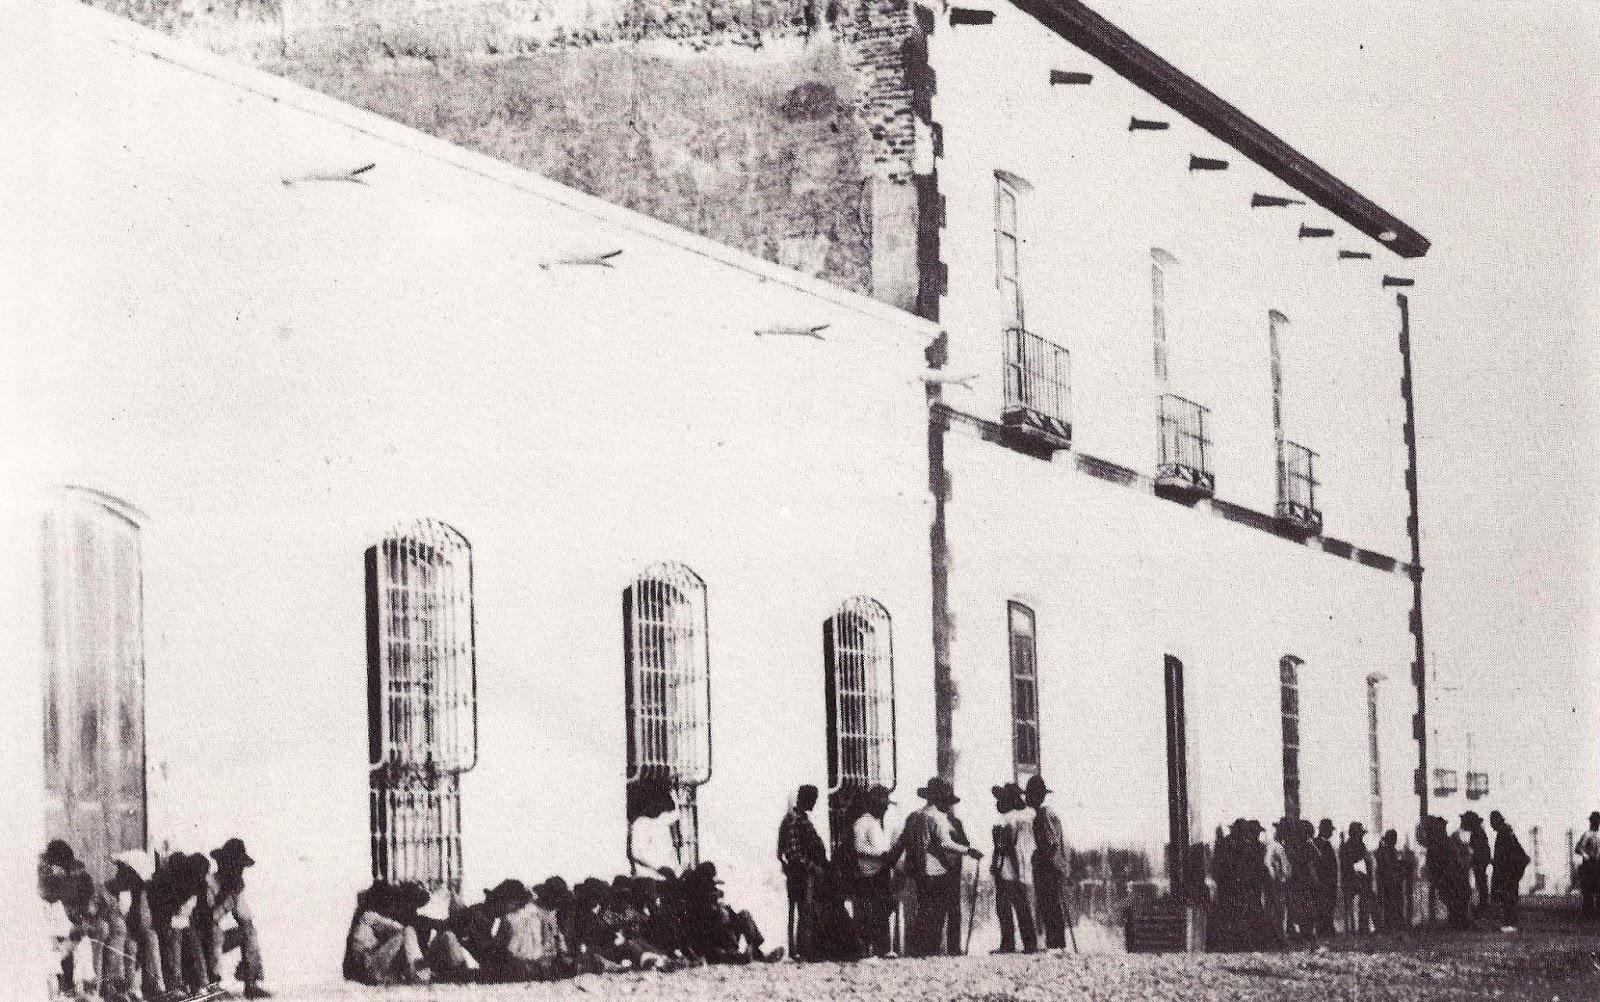 Los berruezo d pedro berruezo gerez 1871 1952 parte v - Trabajo en garrucha ...